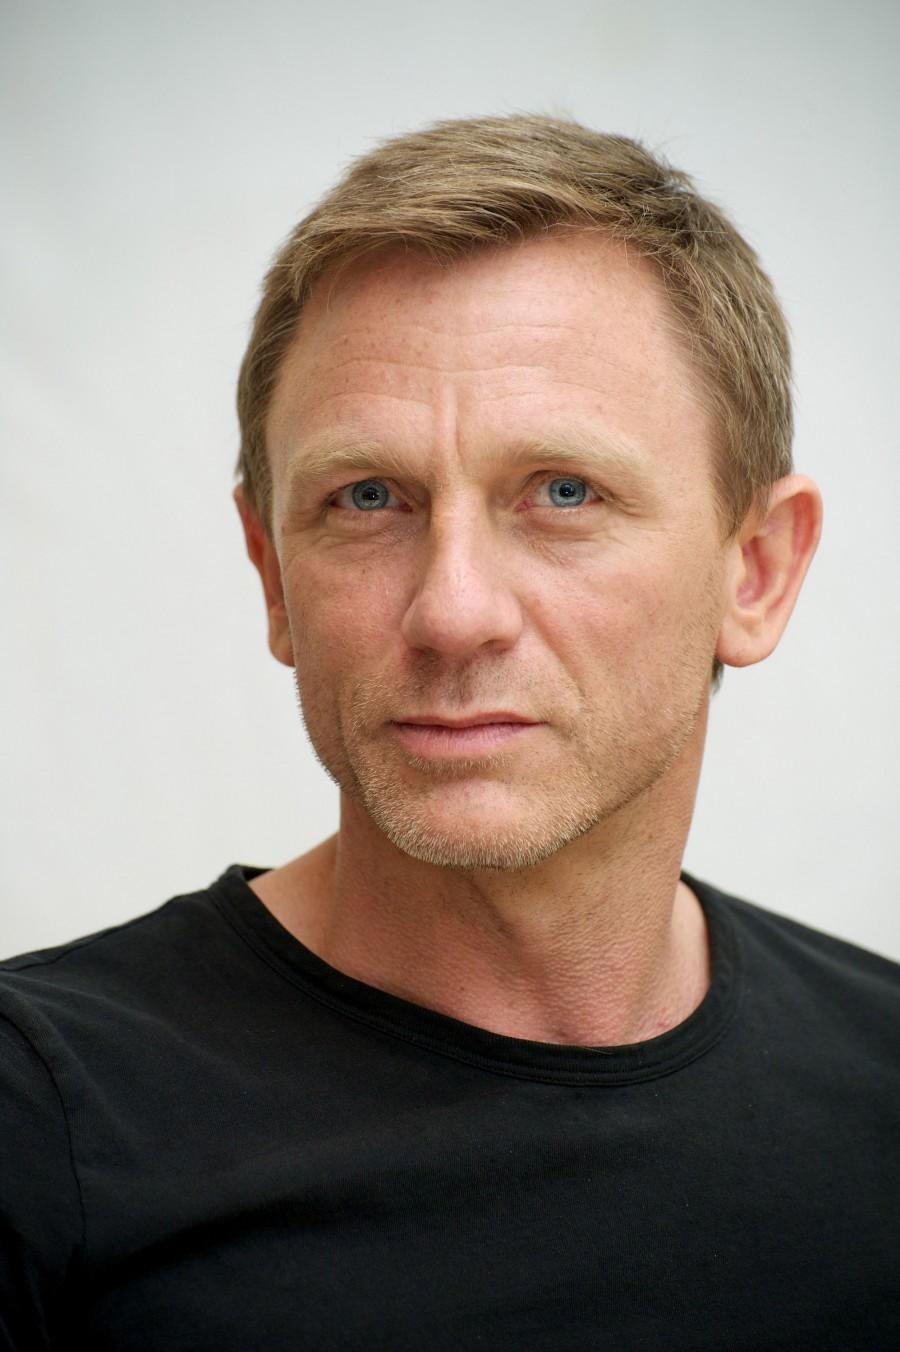 다니엘 크레이그는 더 이상 007을 하지 않나?